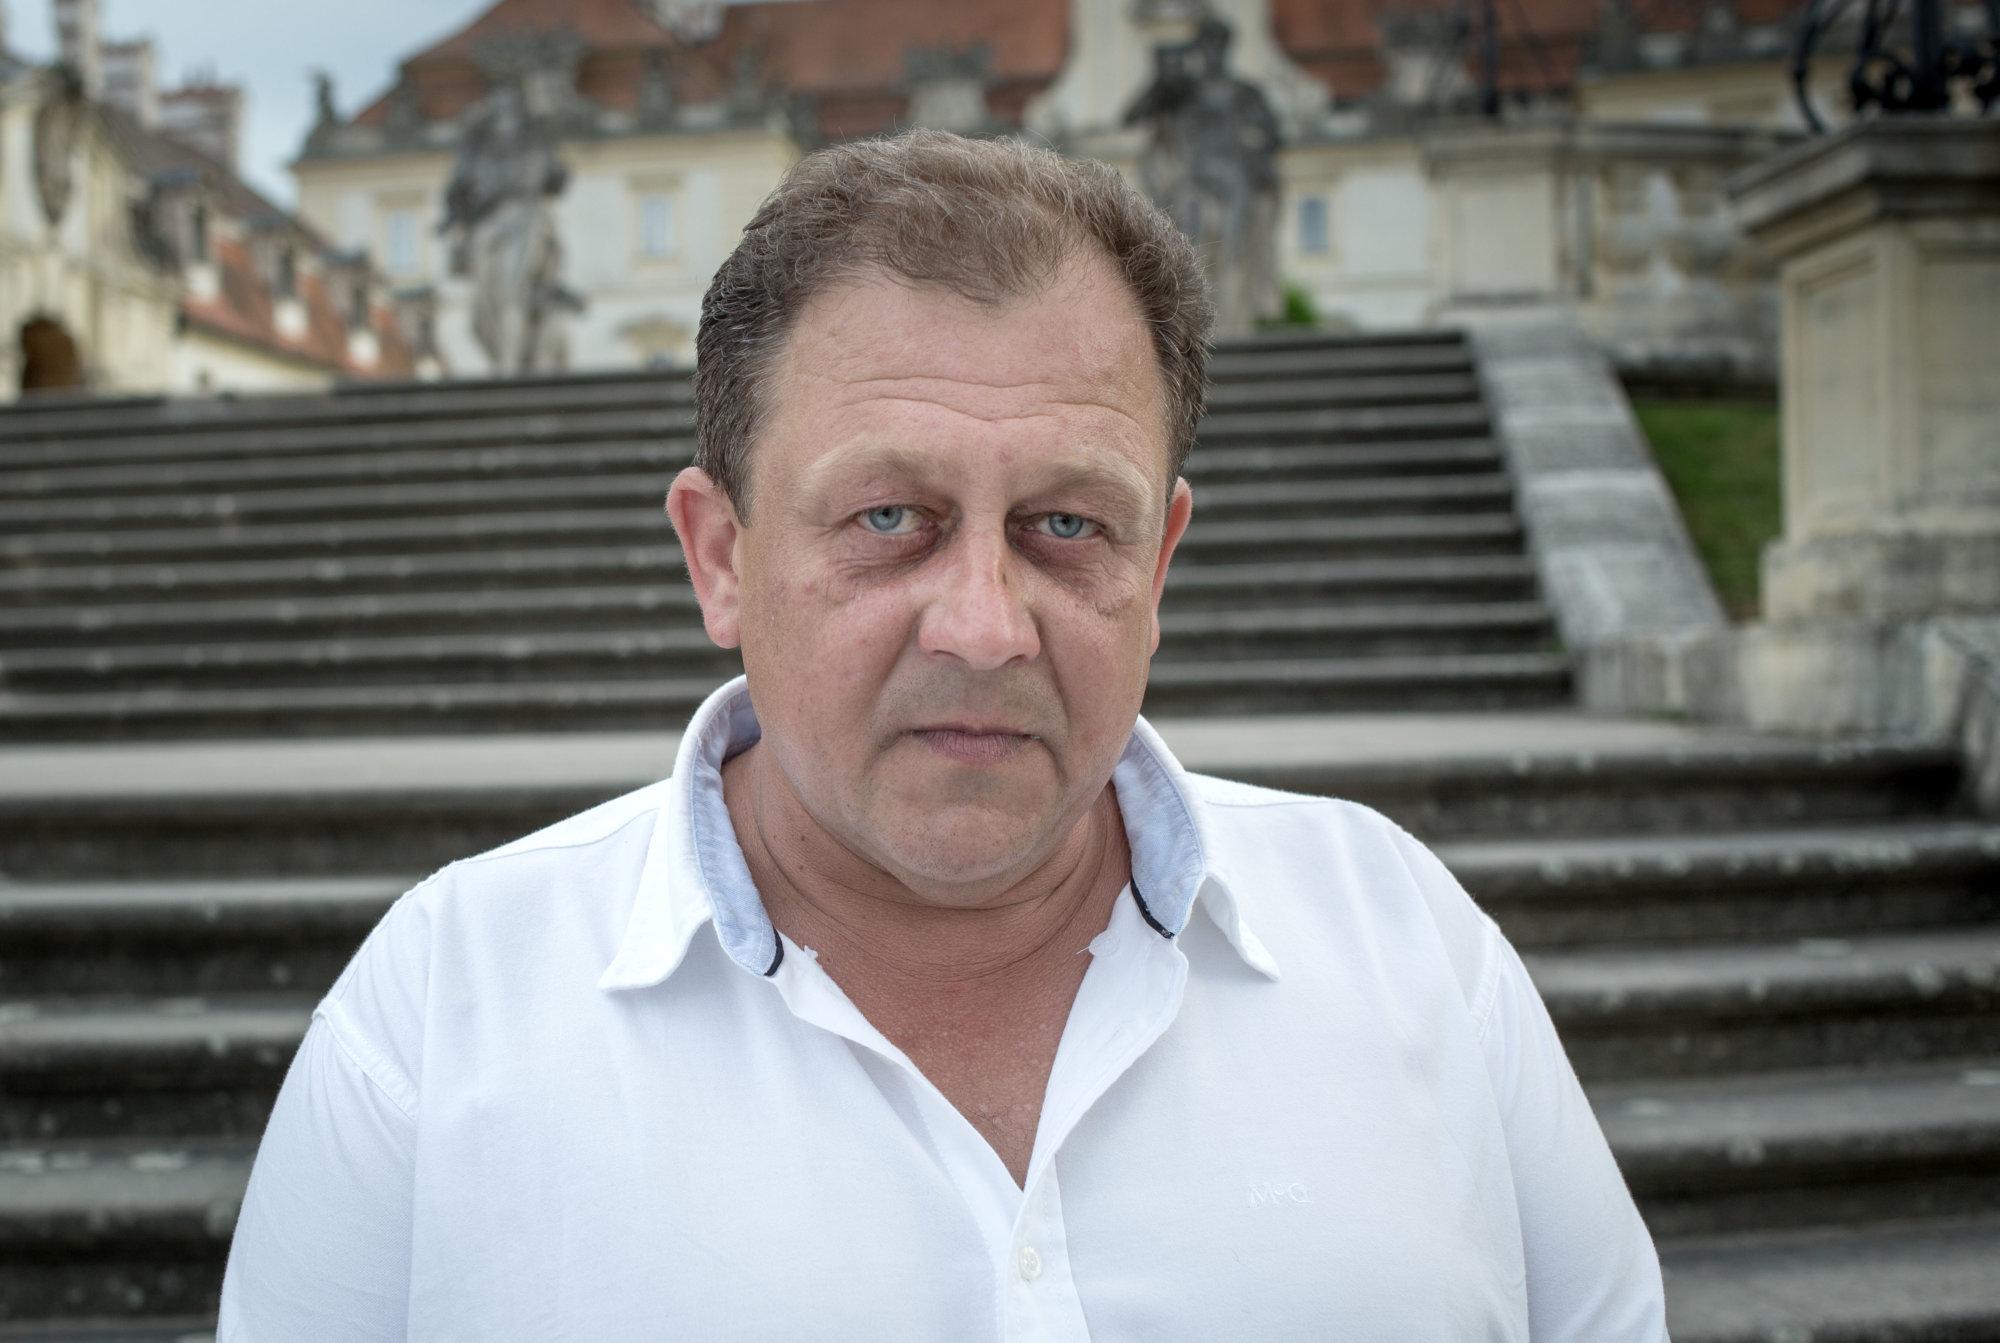 Fegyveres je rád, že Kosík chce svedčiť o únose: Dúfam, že to zopakuje aj pred sudcom – Denník N